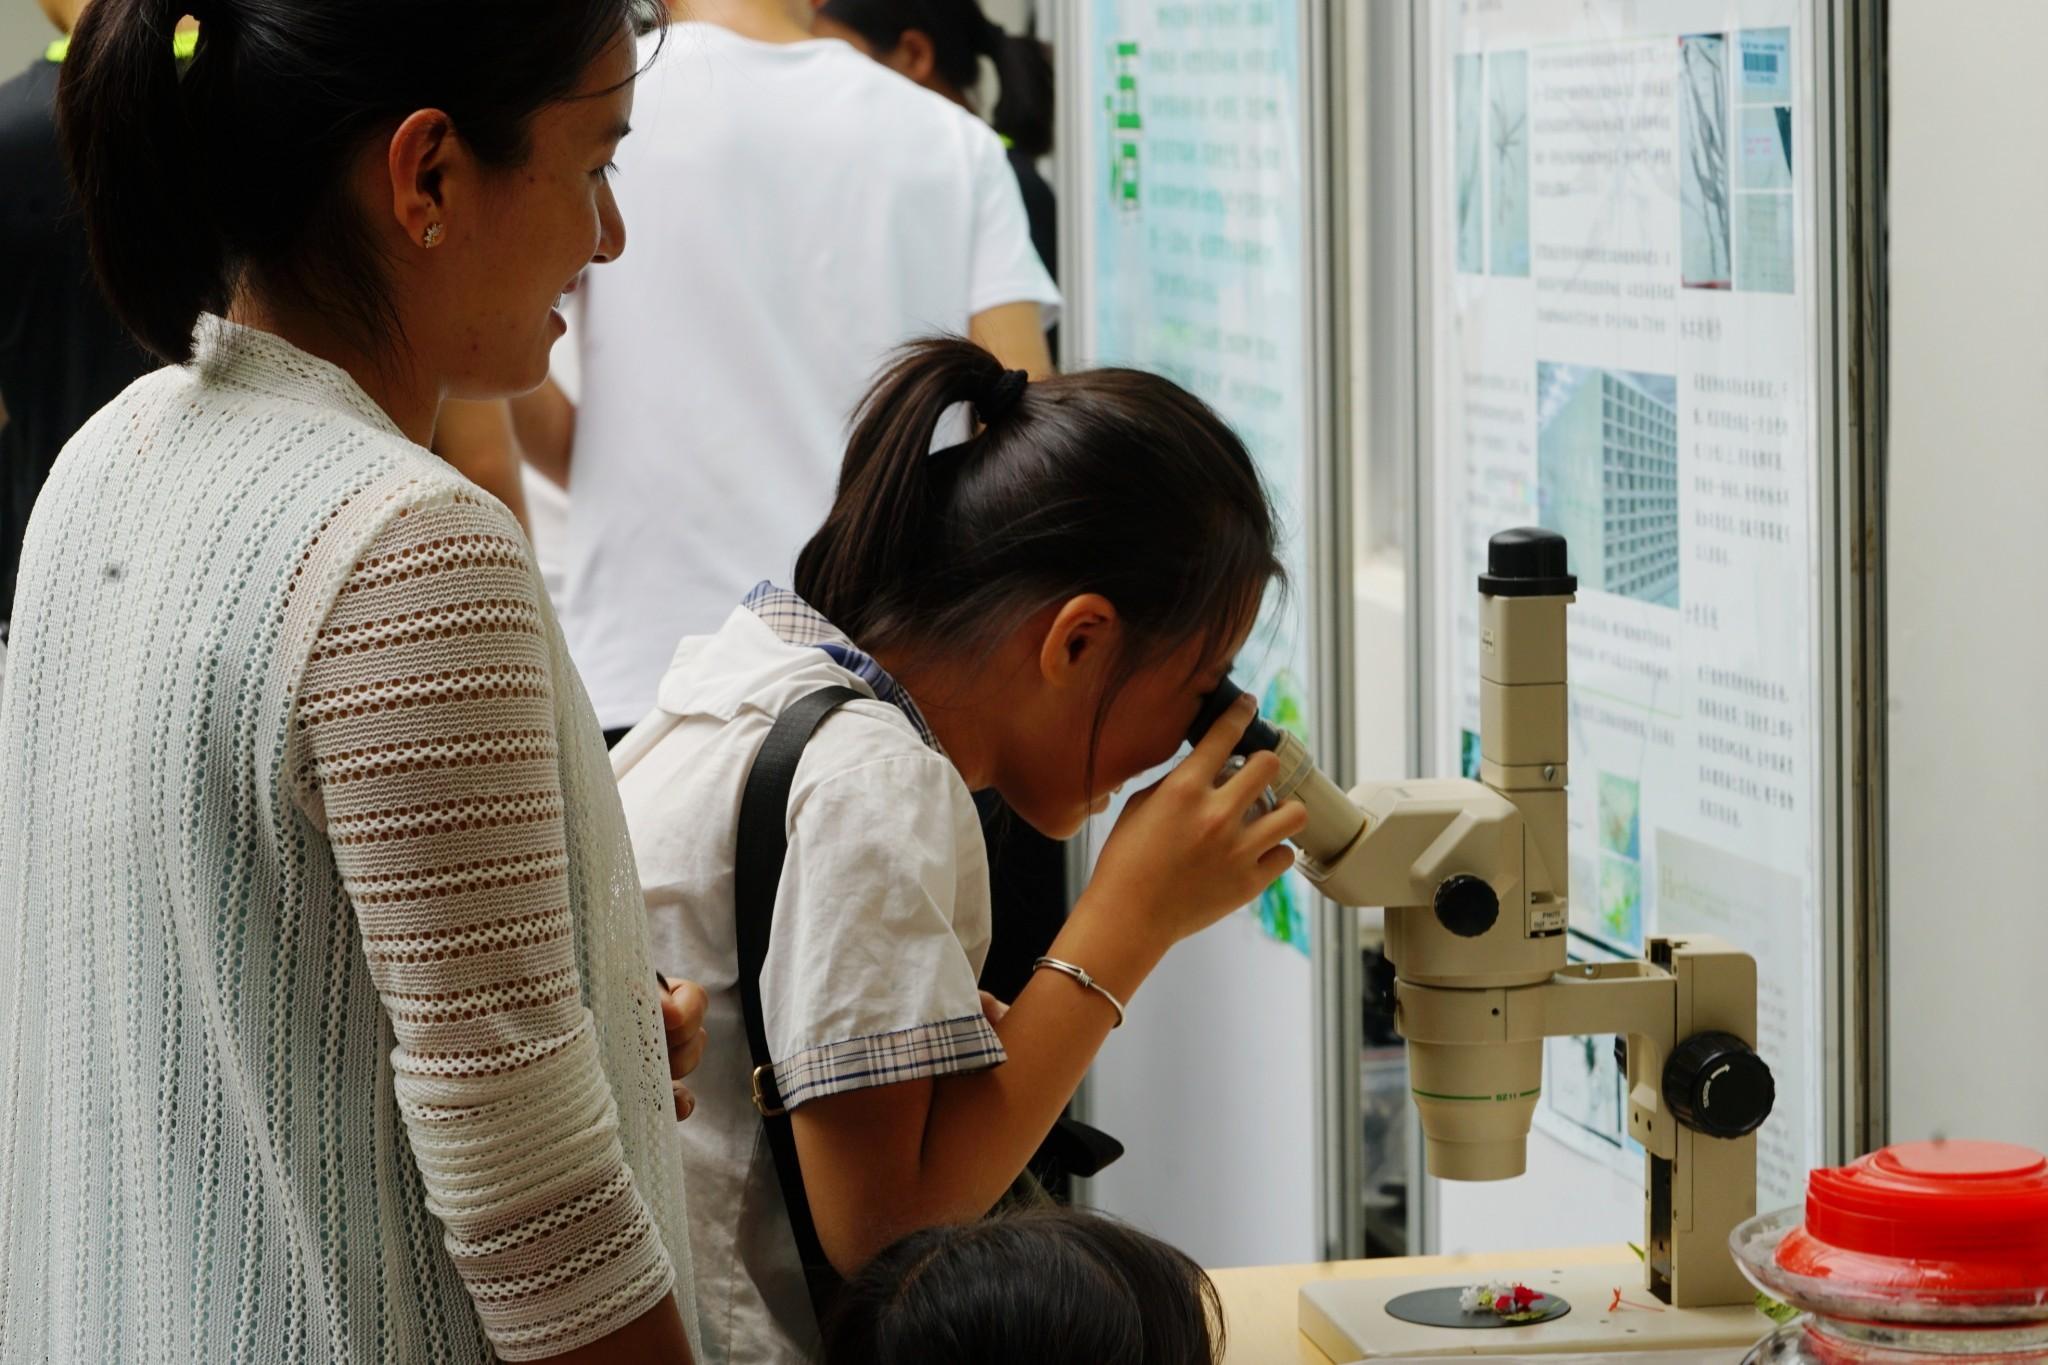 参观人员体验植物微观之美(玉最东 摄)